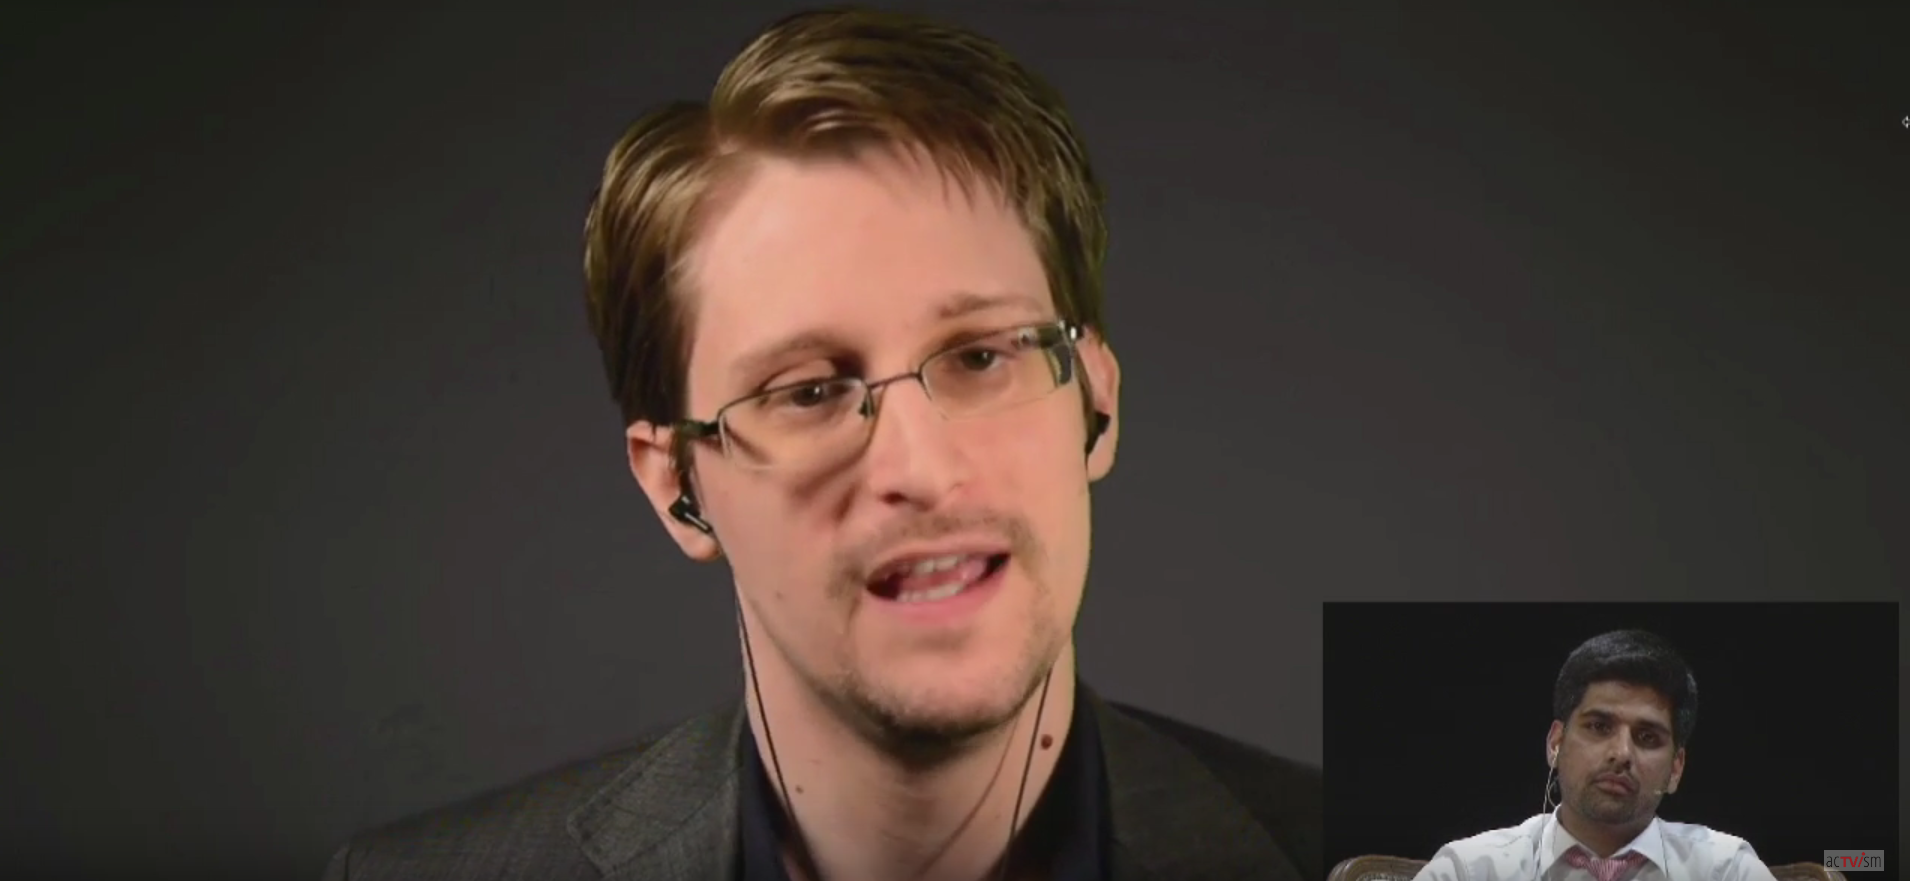 internationalen Experten Edward Snowden acTVism Munich